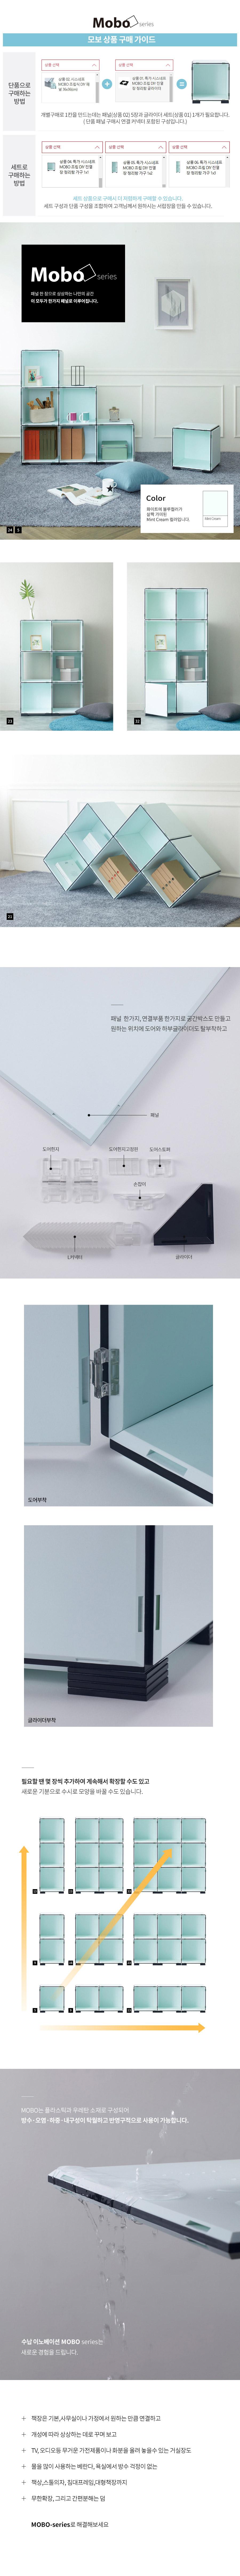 시스네프 MOBO 조립식 DIY 진열장 정리함 패널 36x36(cm) - 시스네프, 4,500원, DIY 수납장, DIY 수납장